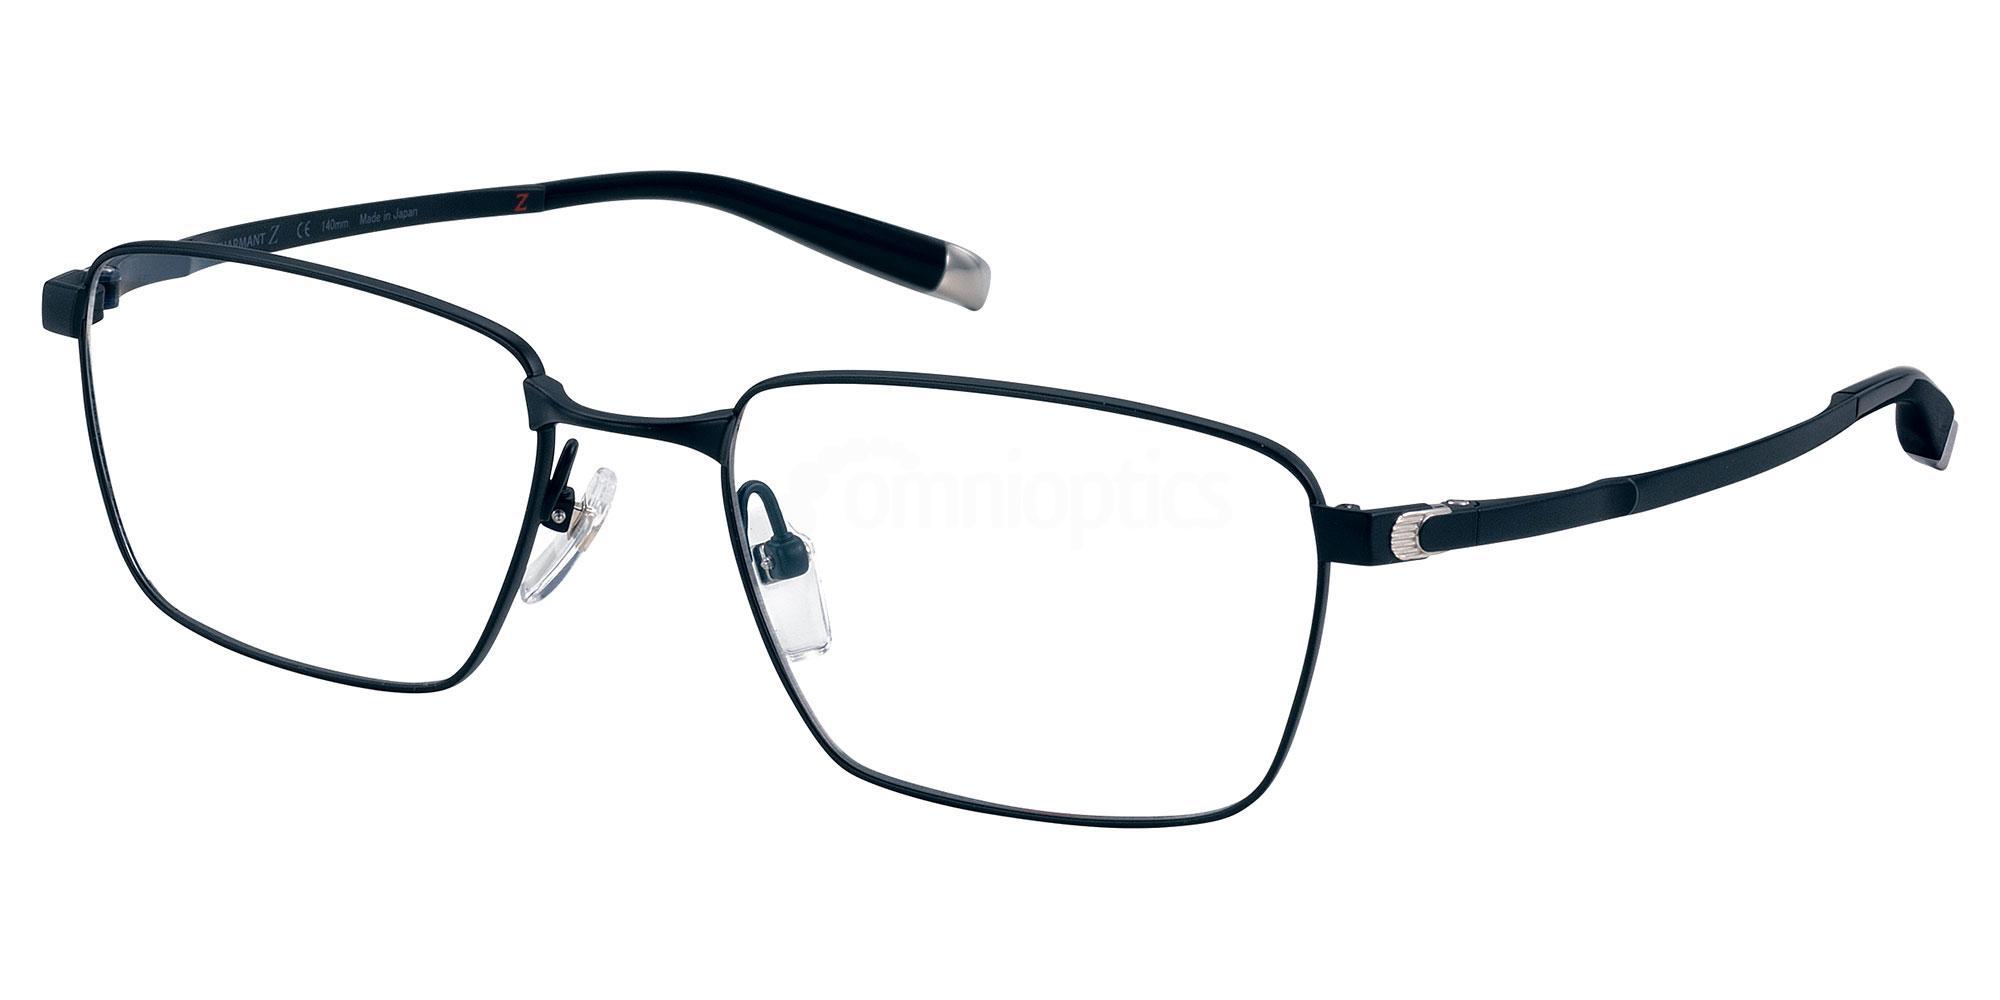 BK ZT19894 Glasses, Charmant Z